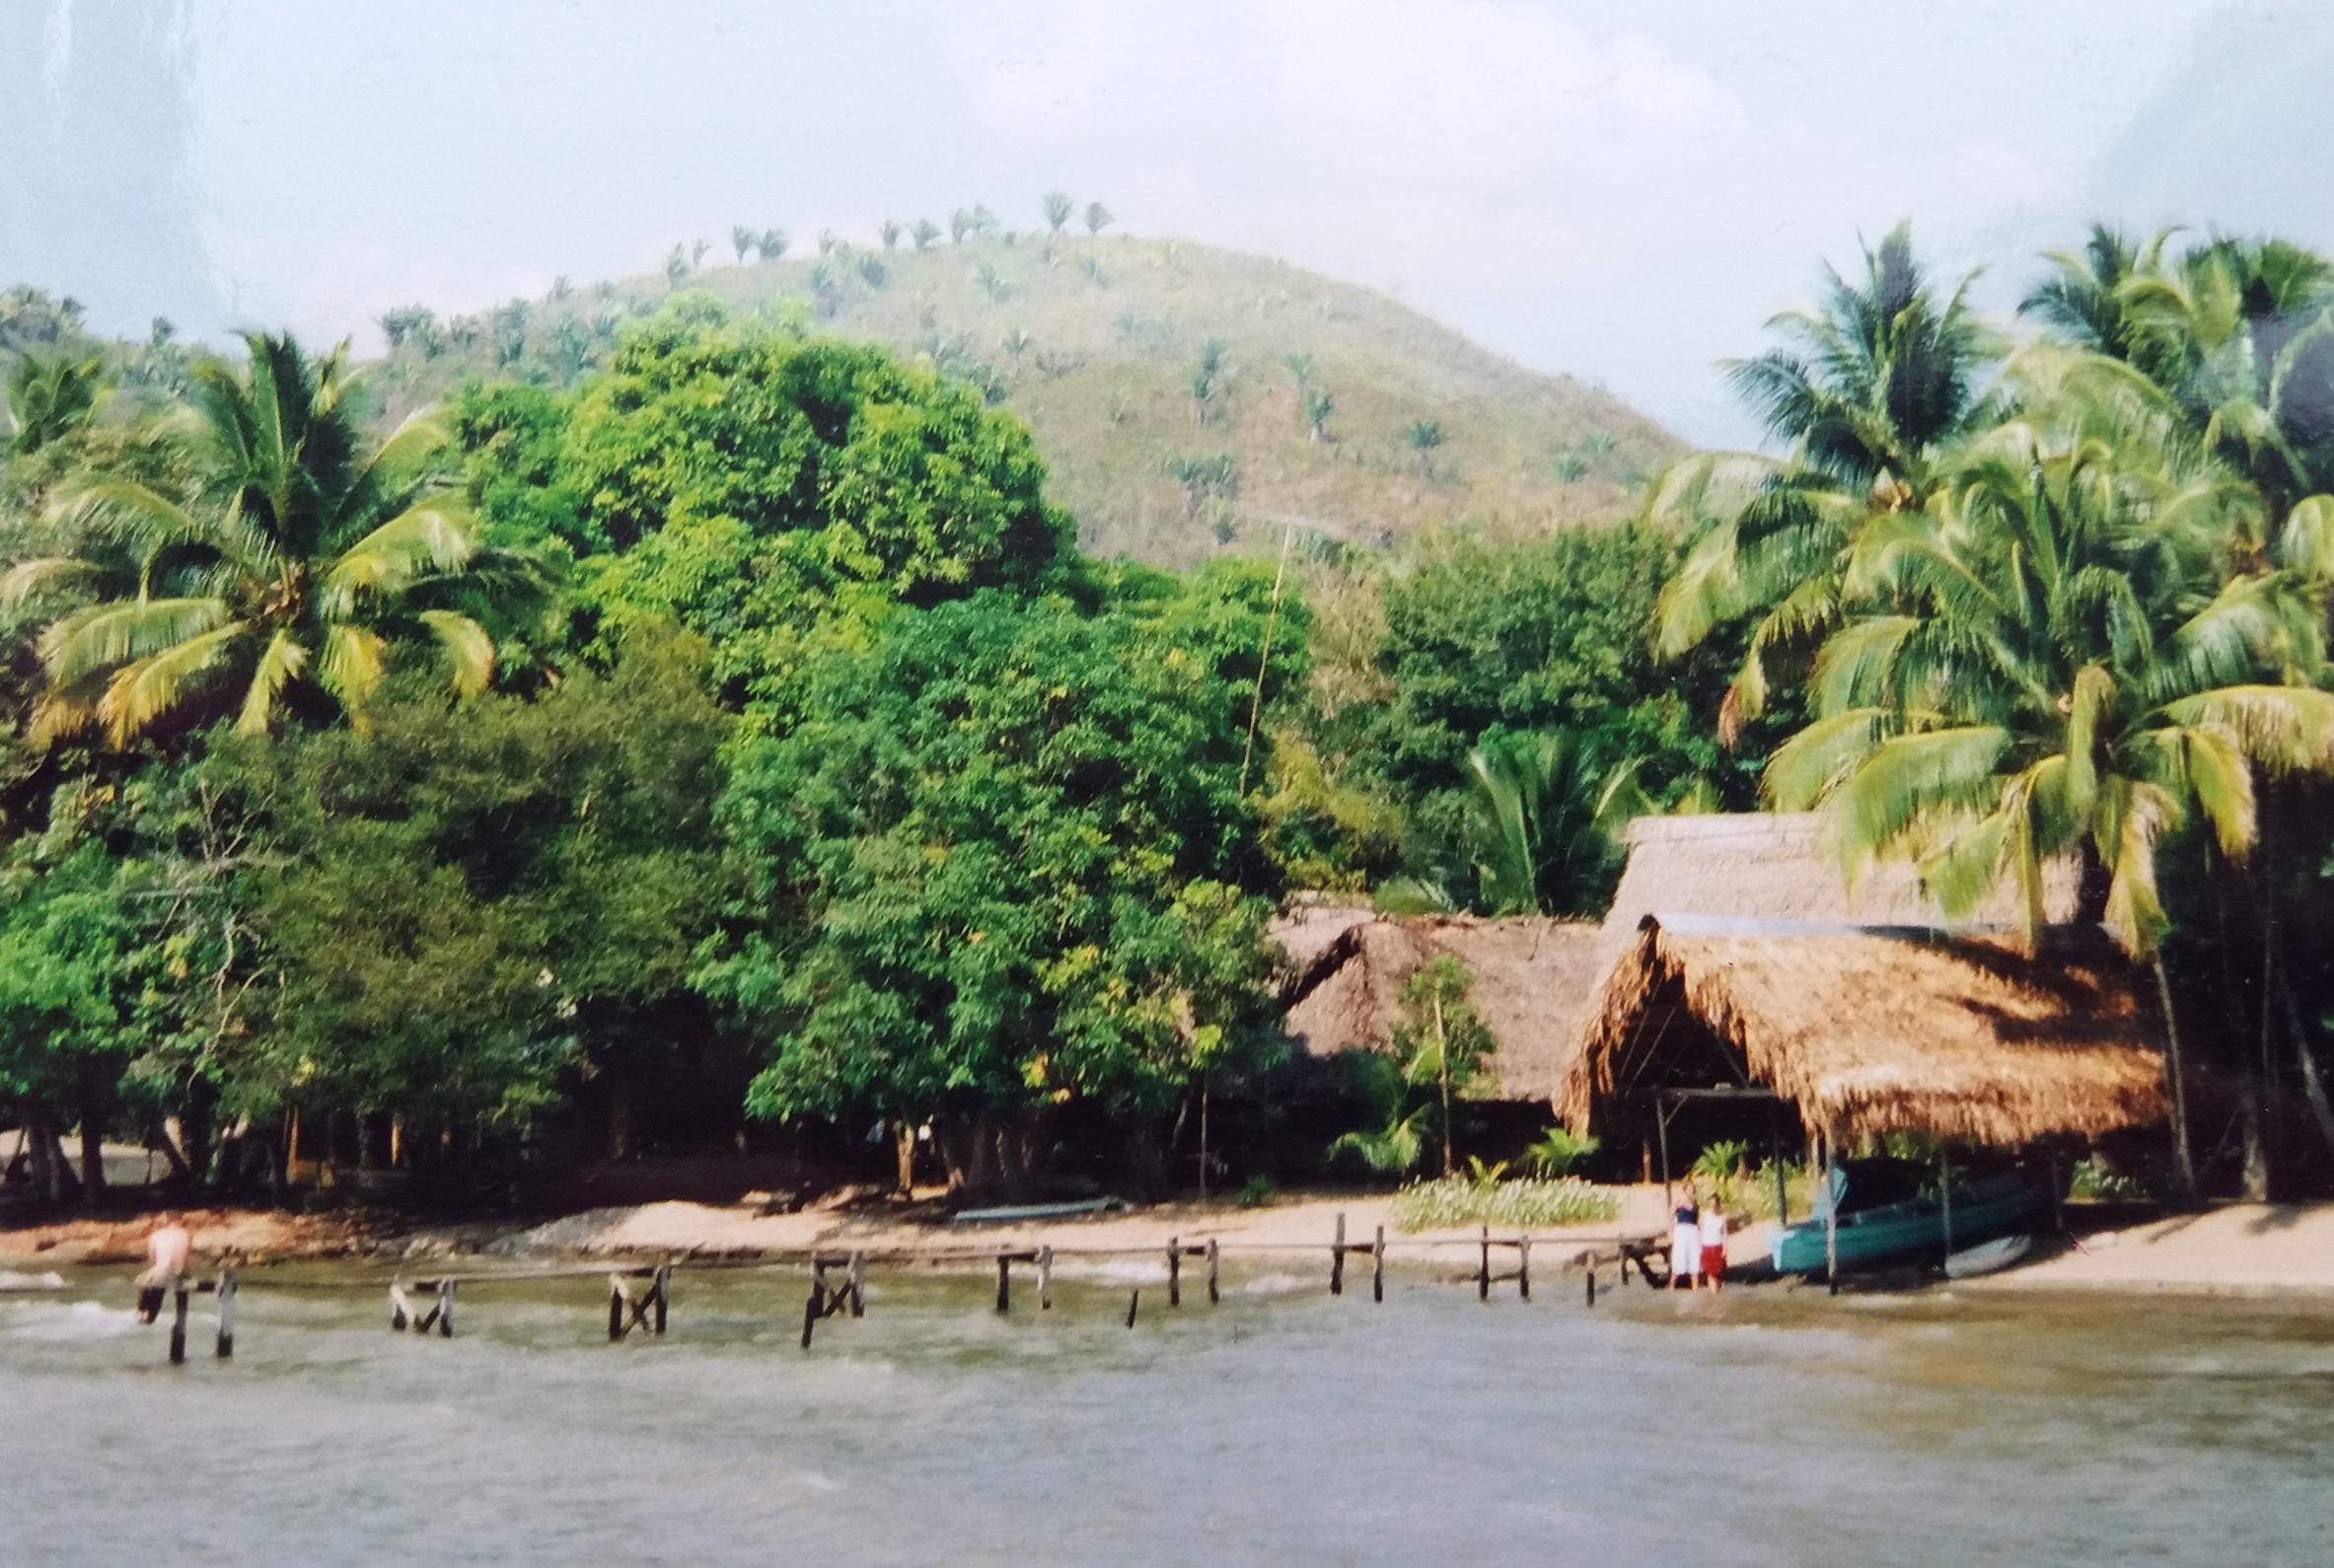 Guatemala diary - Day 42 - Denny's beach